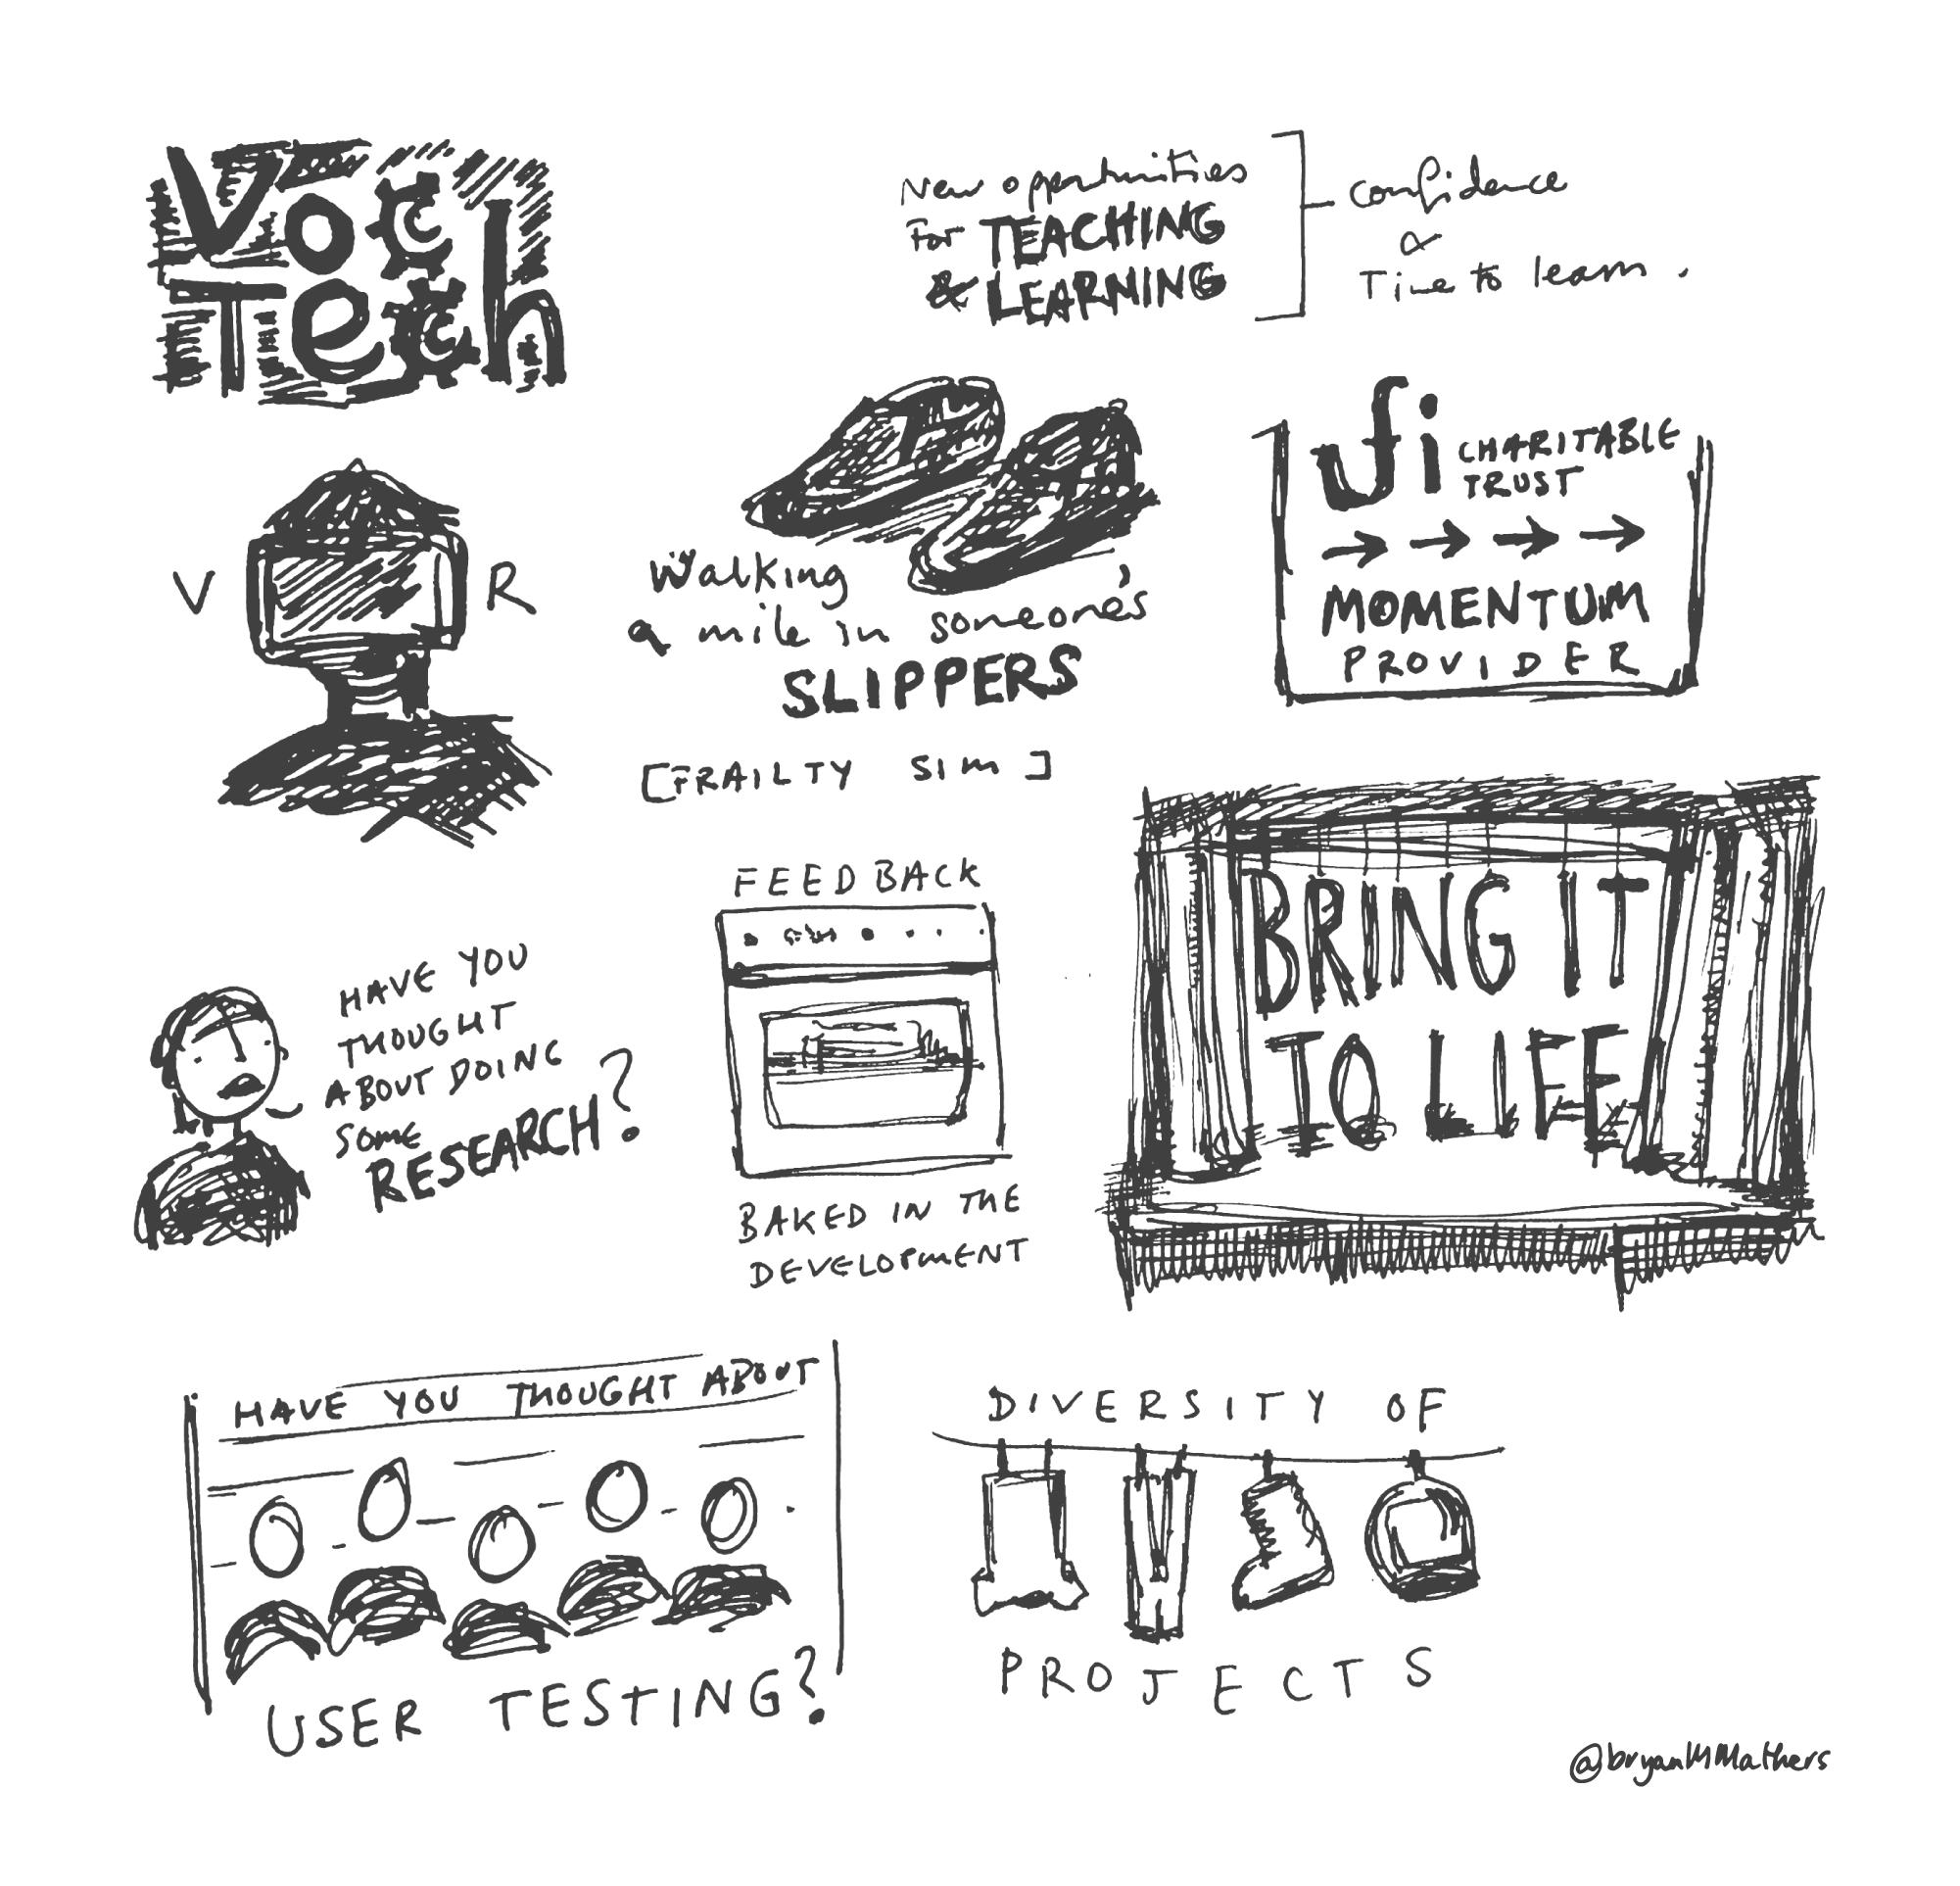 VocTech